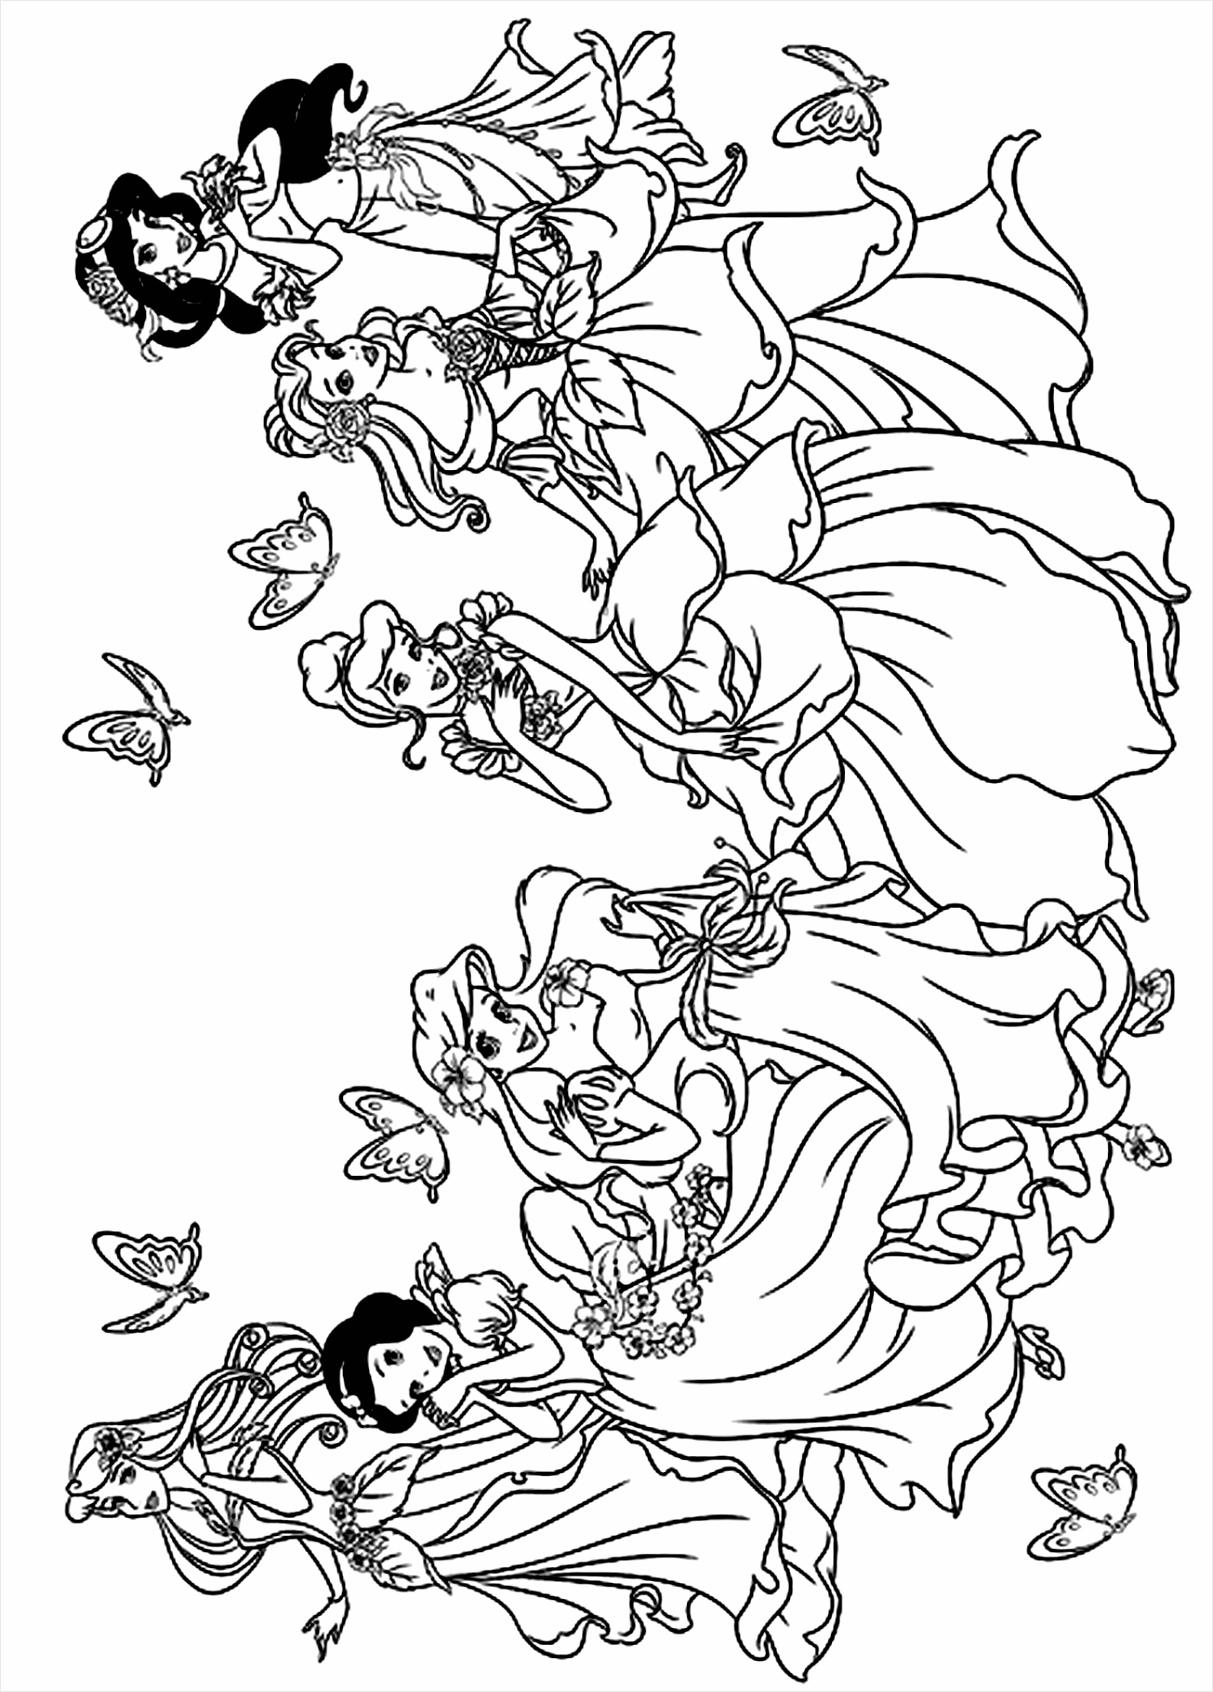 kleurplaat disney prinsessen kleurplaten234